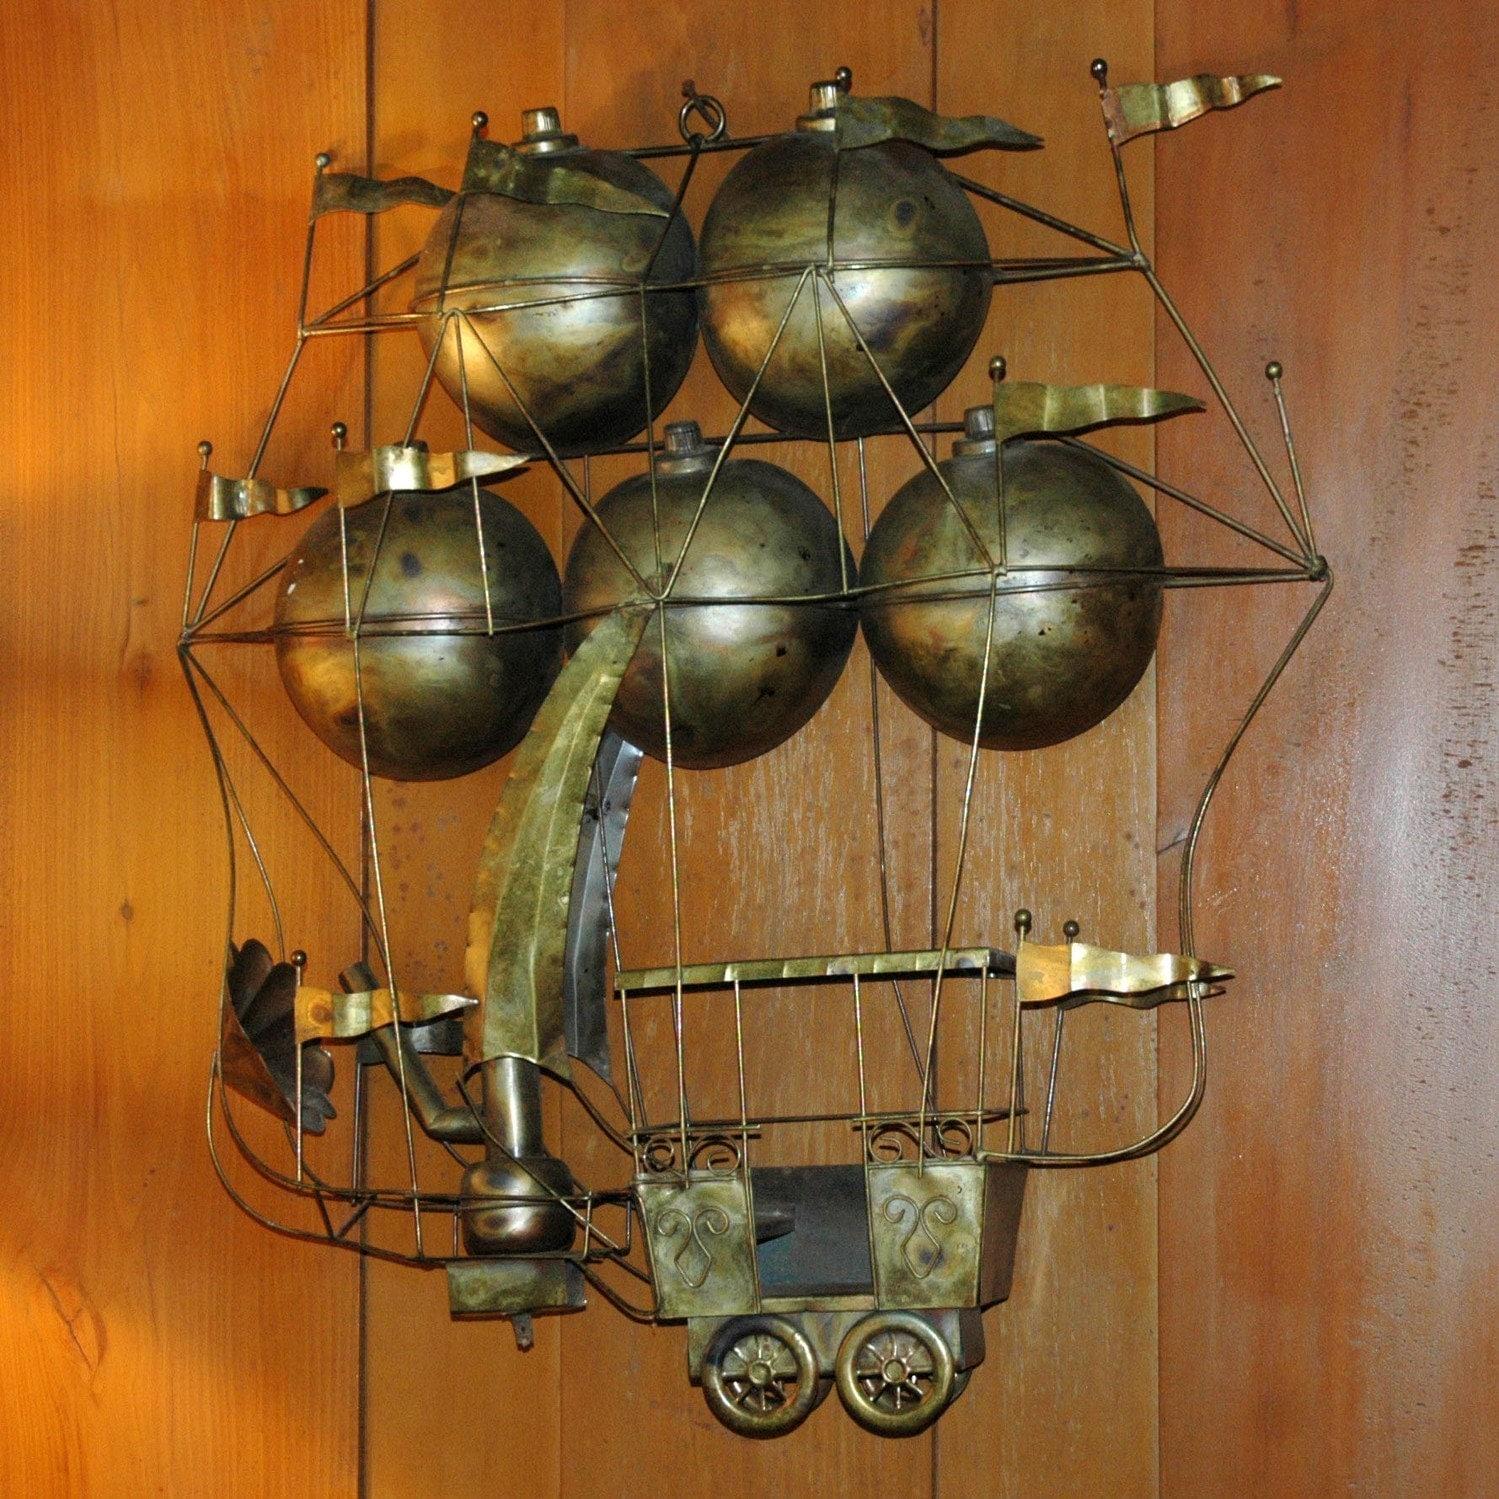 Brass Steampunk Airship Steampunk Home Decor